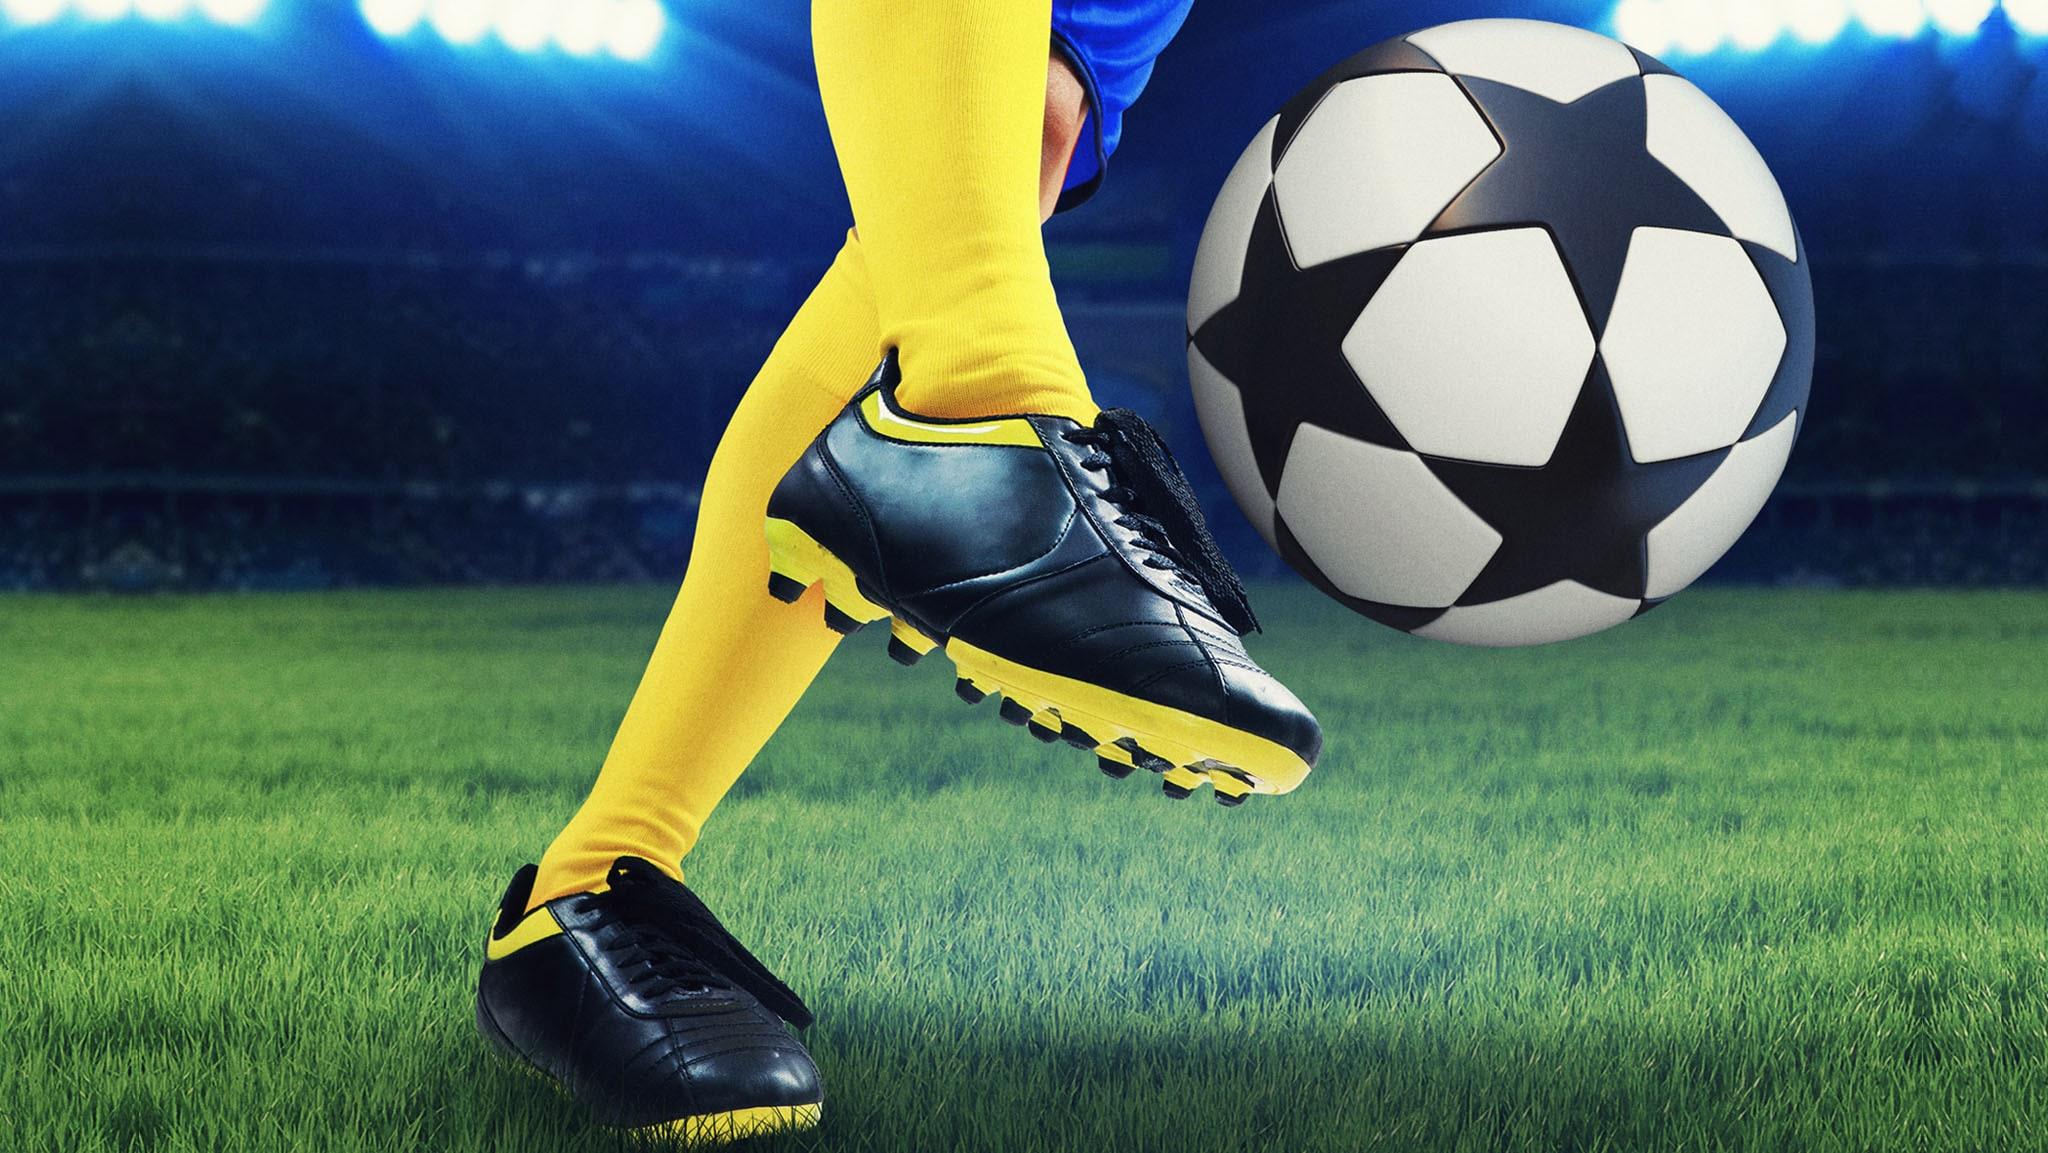 Rai Sport+ HD Calcio: Campionato Italiano Serie B 2019/20  24a giornata Pescara - Cittadella